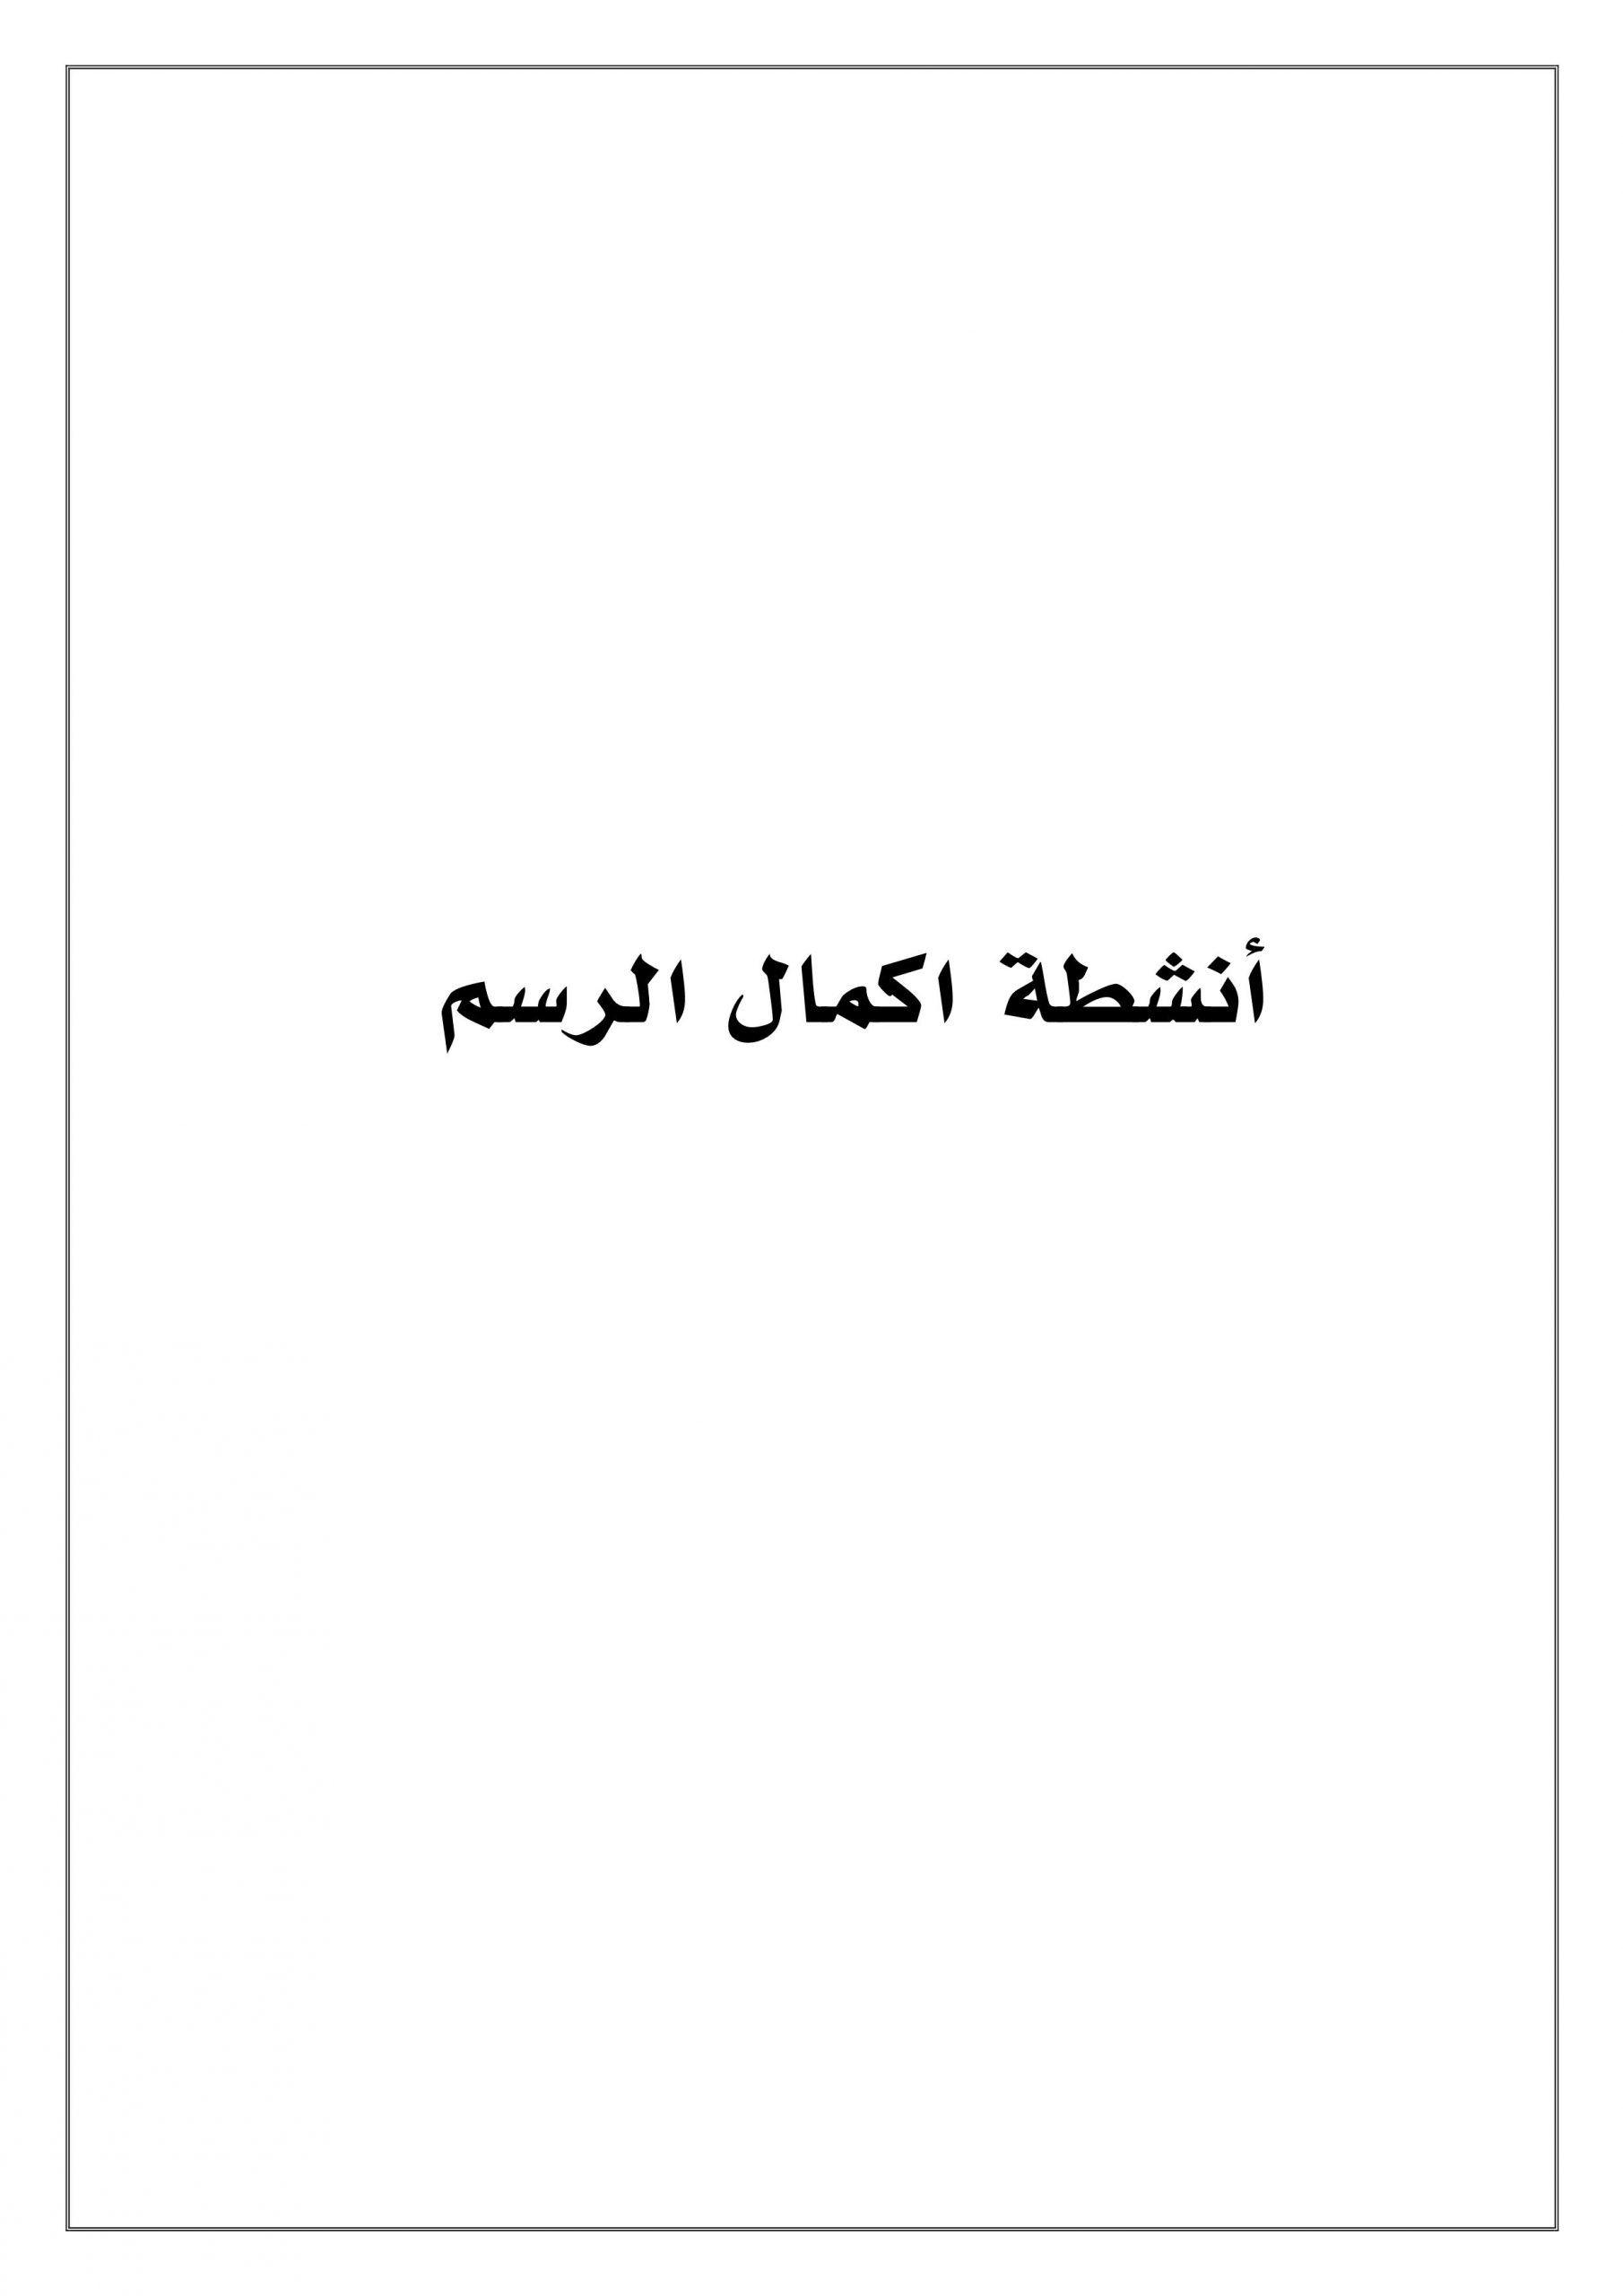 انشطة اكمال الرسم لتهيئة الاطفال لمرحلة ما قبل الكتابة Arabic Kids Math